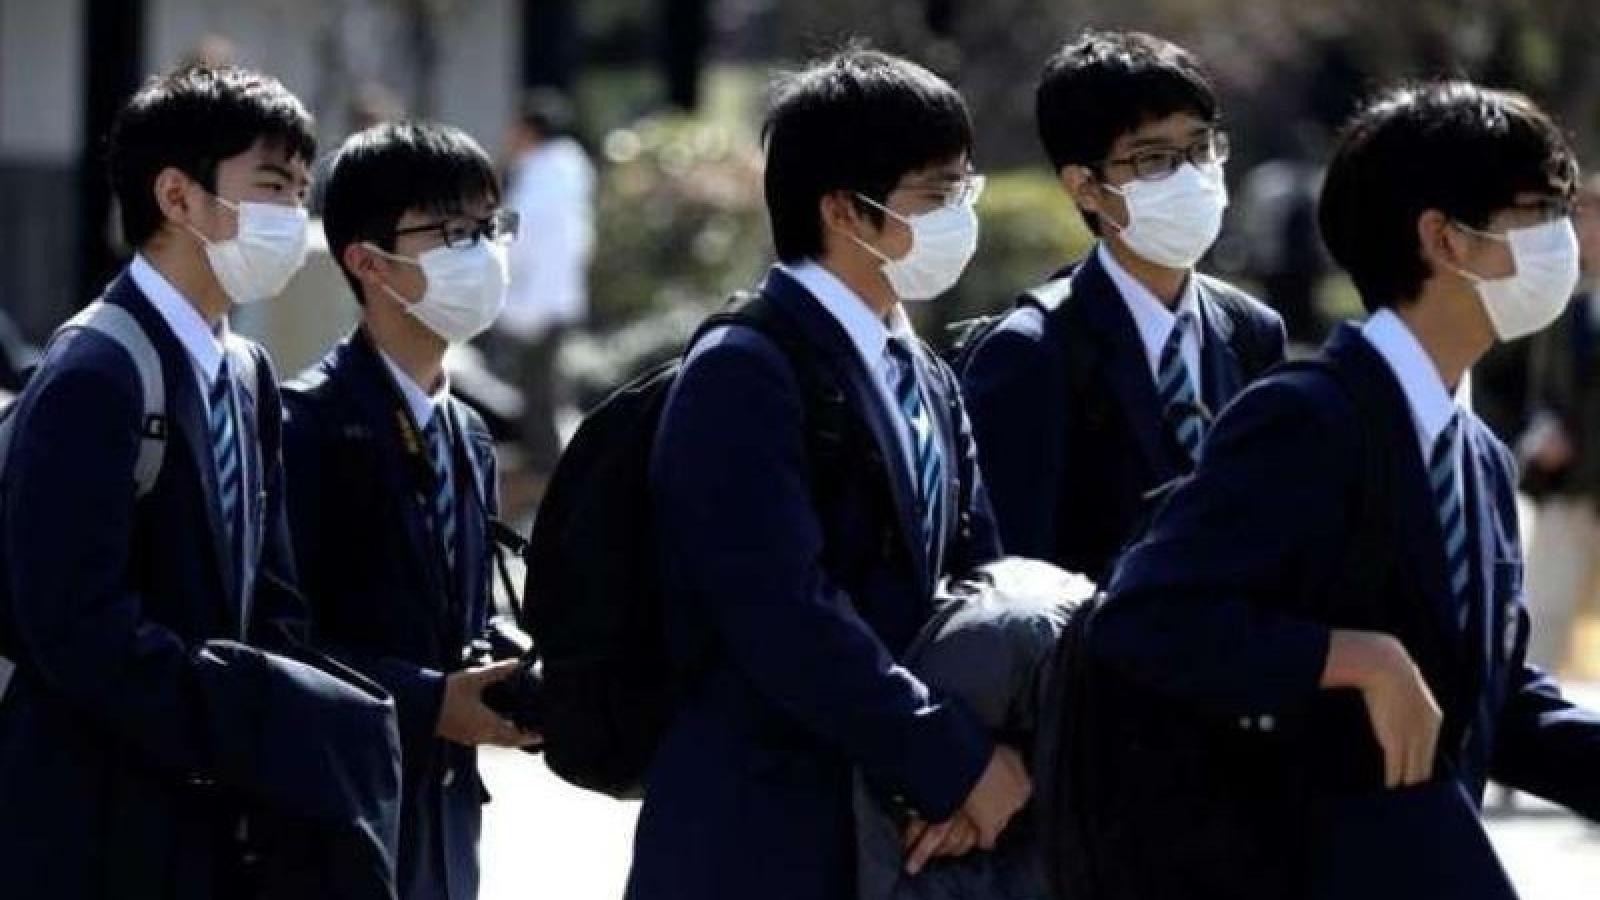 Khủng hoảng lây nhiễm Covid-19 tại bệnh viện, trường học ở Nhật Bản